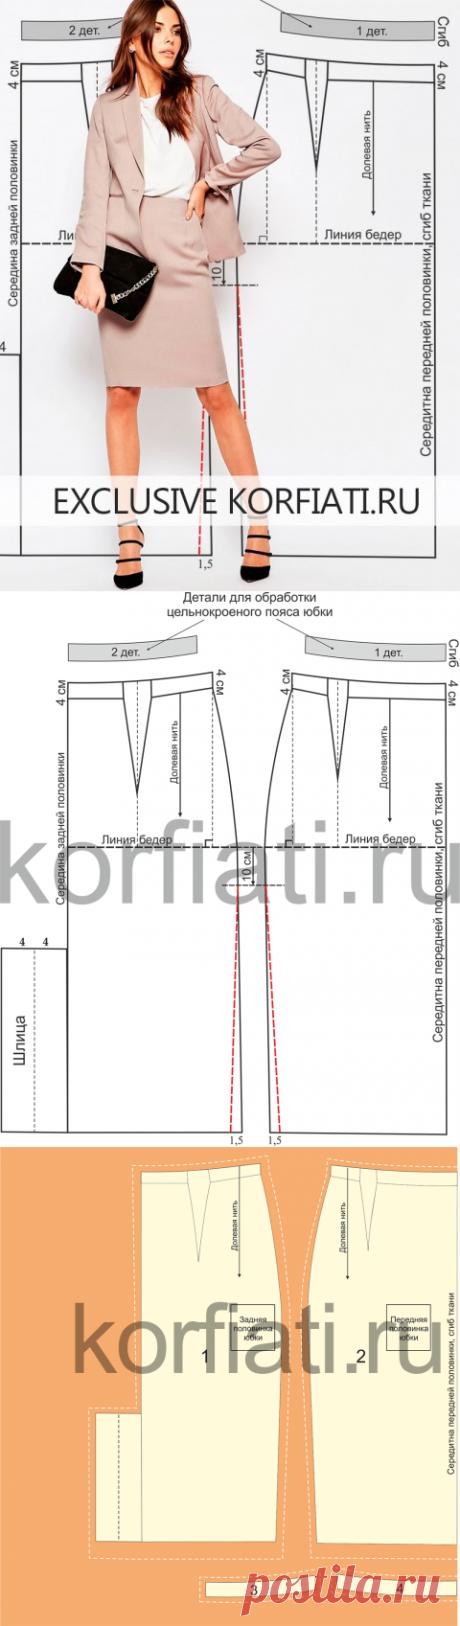 El patrón de la falda con tselnokroenym por el cinturón de A.Korfiati